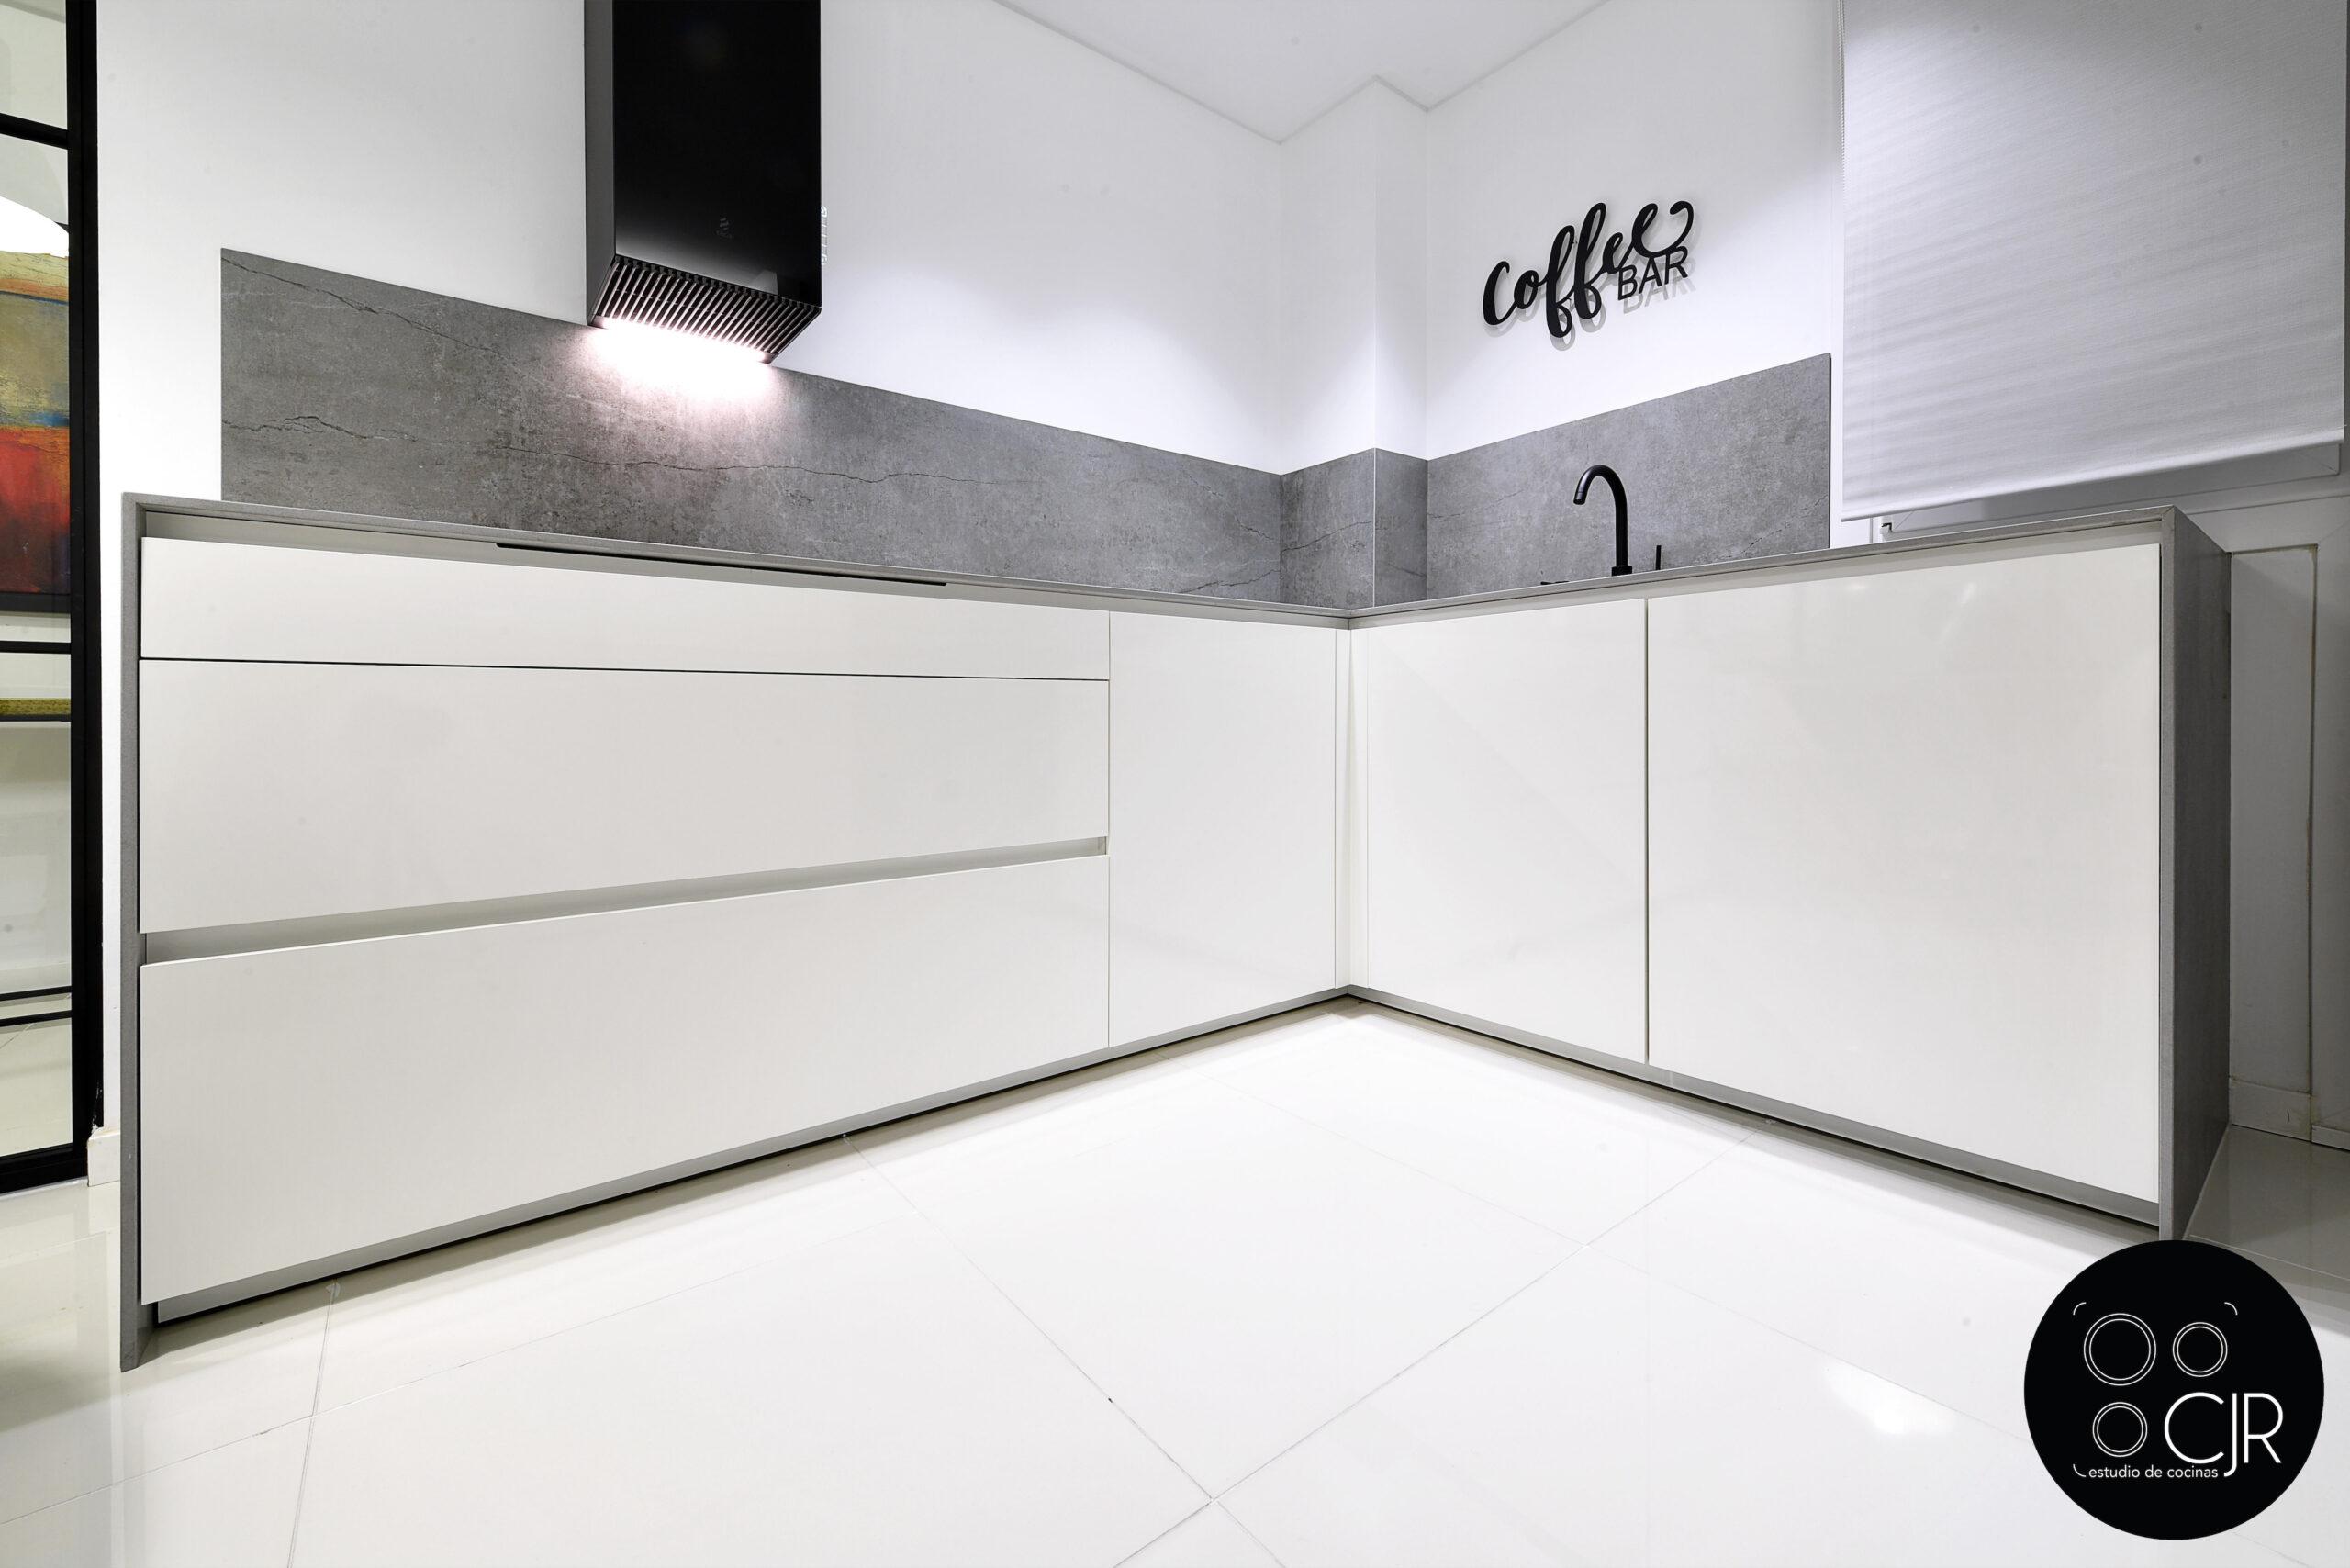 Vista frontal cajones encimera cocina blanca con encimera gris marengo